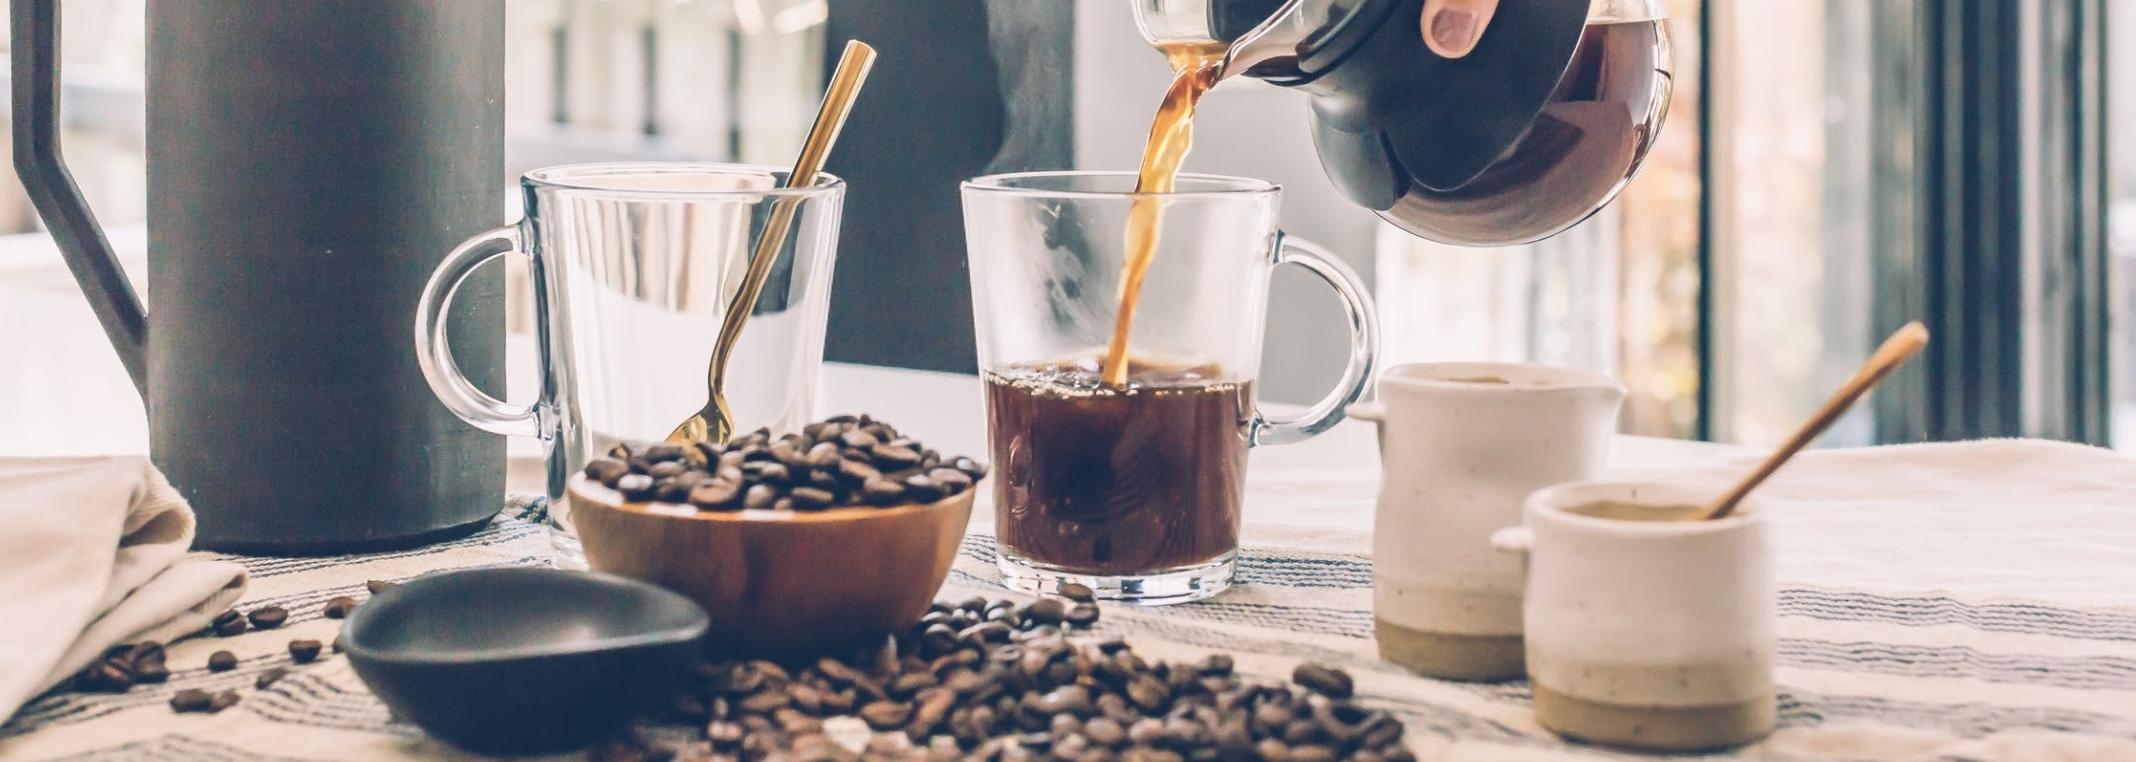 Verzichten Sie auf Kaffee, Energy-Drinks oder sonstige Koffeinqellen nachmittags oder abends